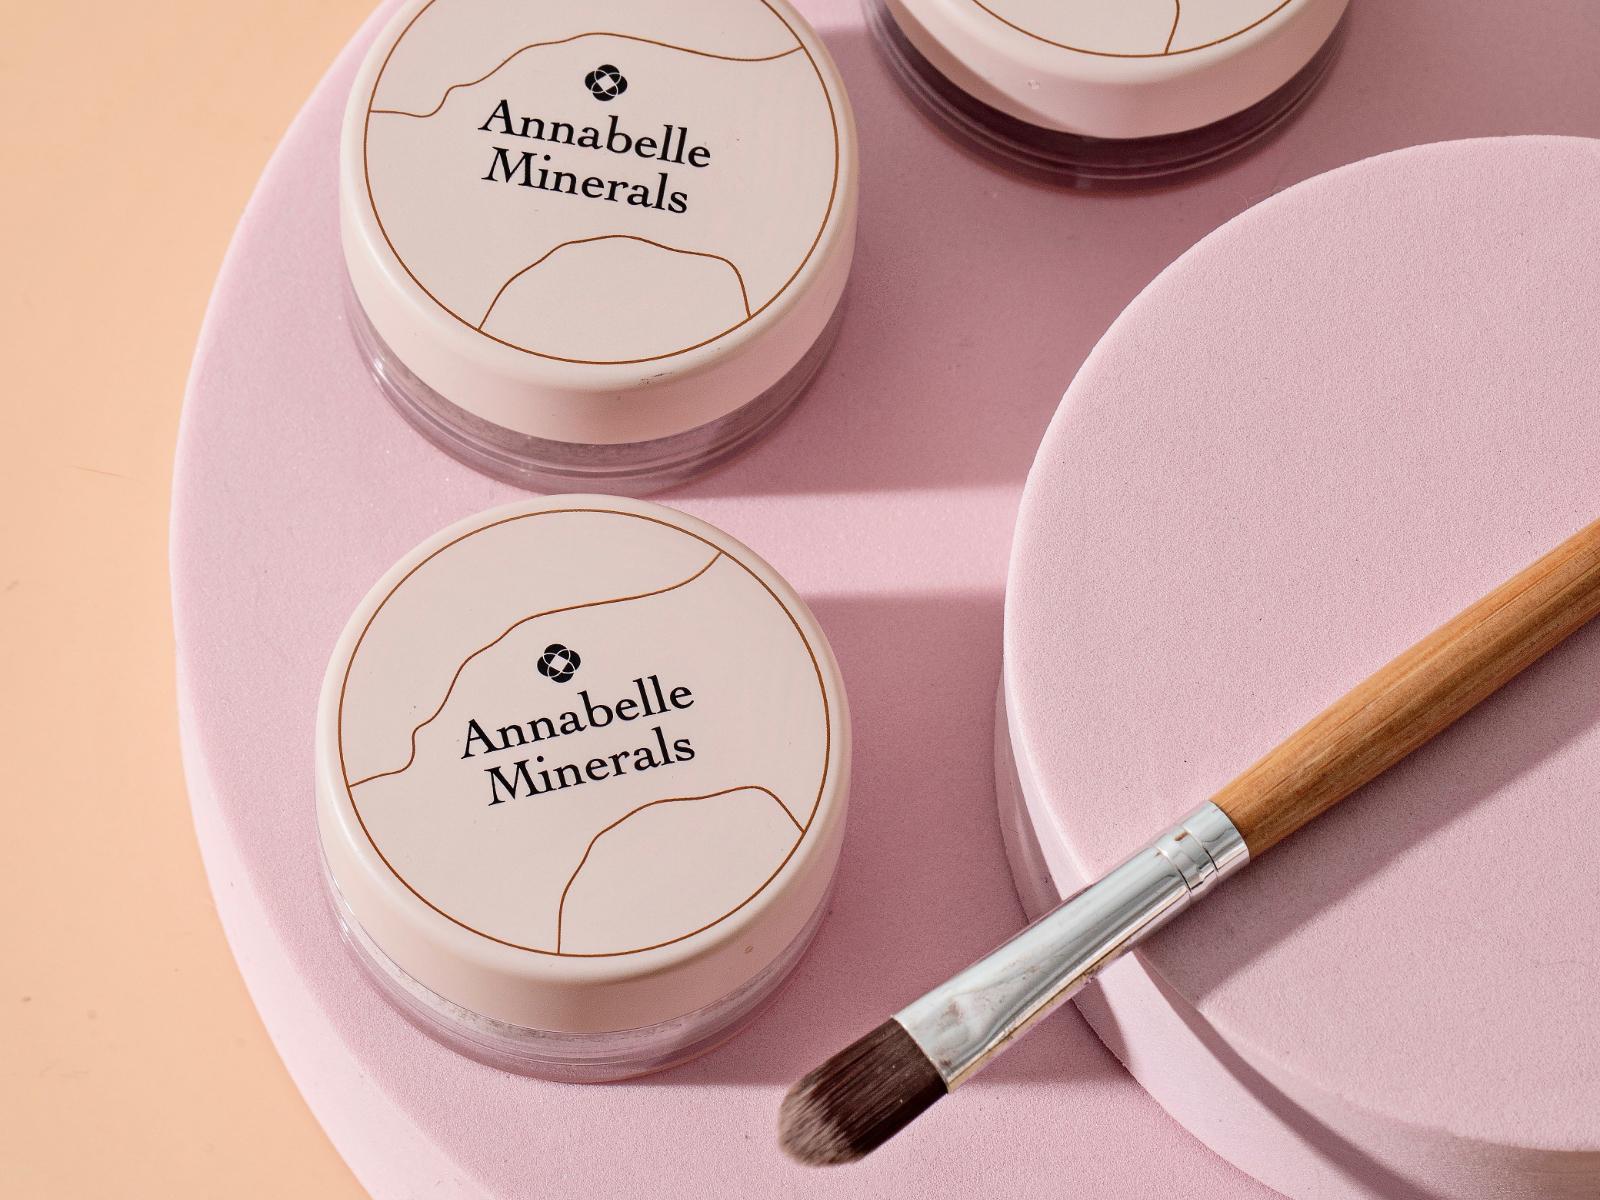 Korektory mineralne Annabelle Minerals do krycia niedoskonałości, naczynek i przebarwień